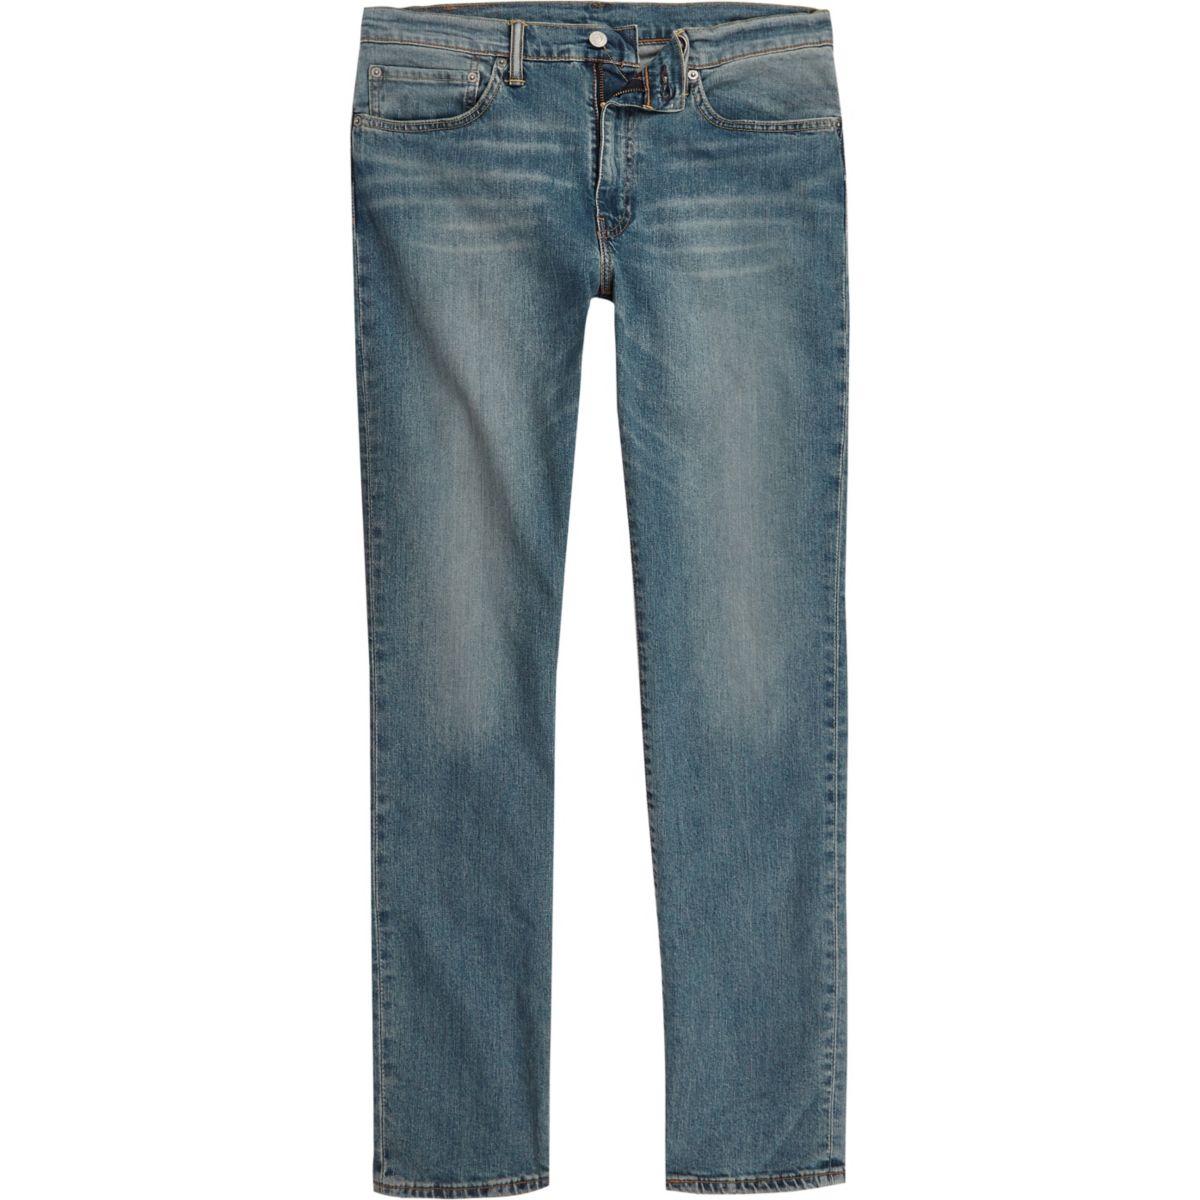 Hommes De L'île De La Rivière Levis Bleu 511 Jeans Slim Fit En Difficulté Levi tWgjhBLCew